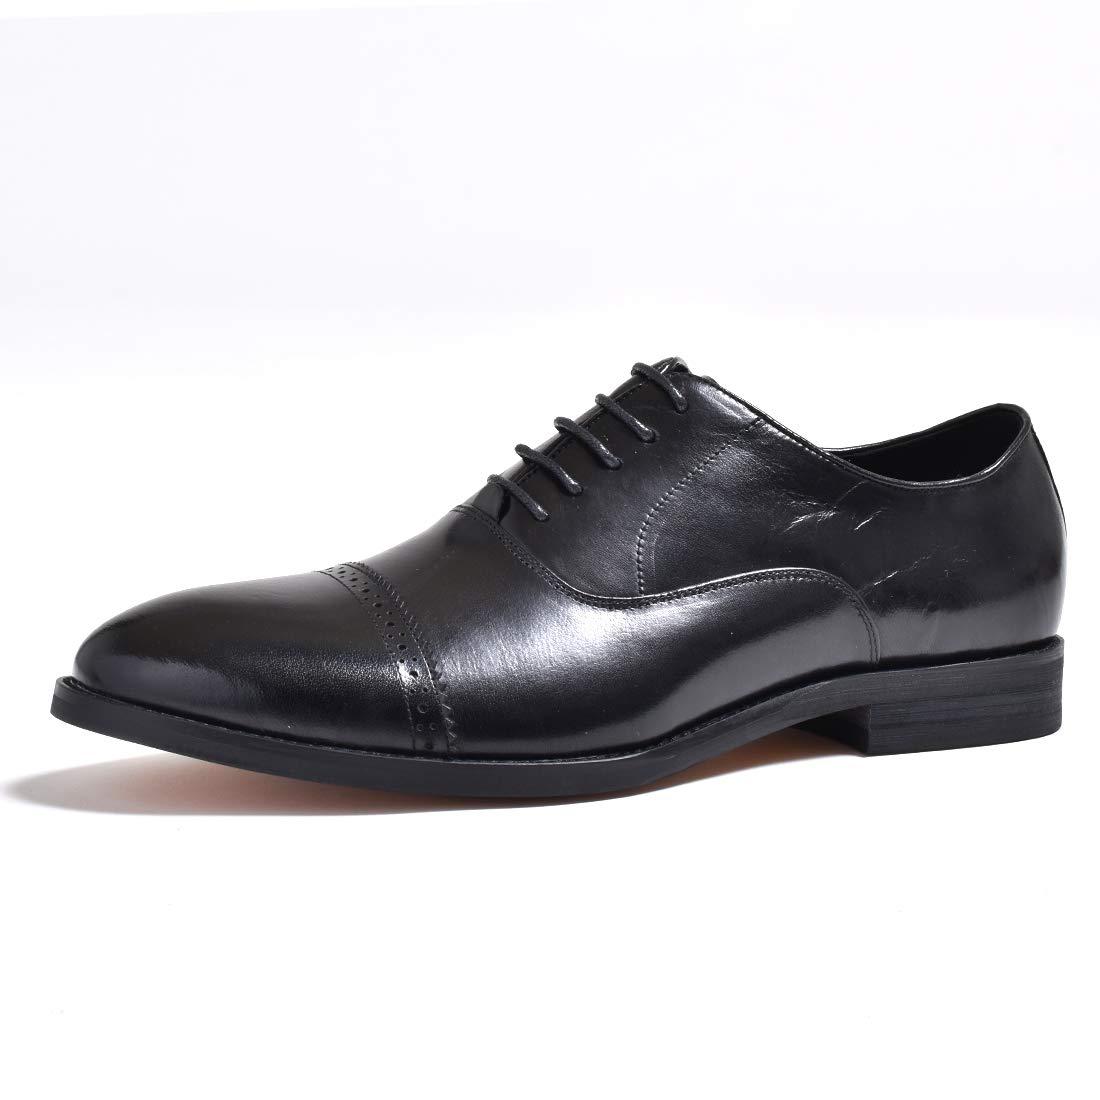 [ルシウス] レザー 革靴 ビジネスシューズ フォーマル ストレートチップ メンズ イタリアンデザイン シューズ 紐 黒 茶 本革 B07Q84W6N7 27.5 cm ブラック ブラック 27.5 cm